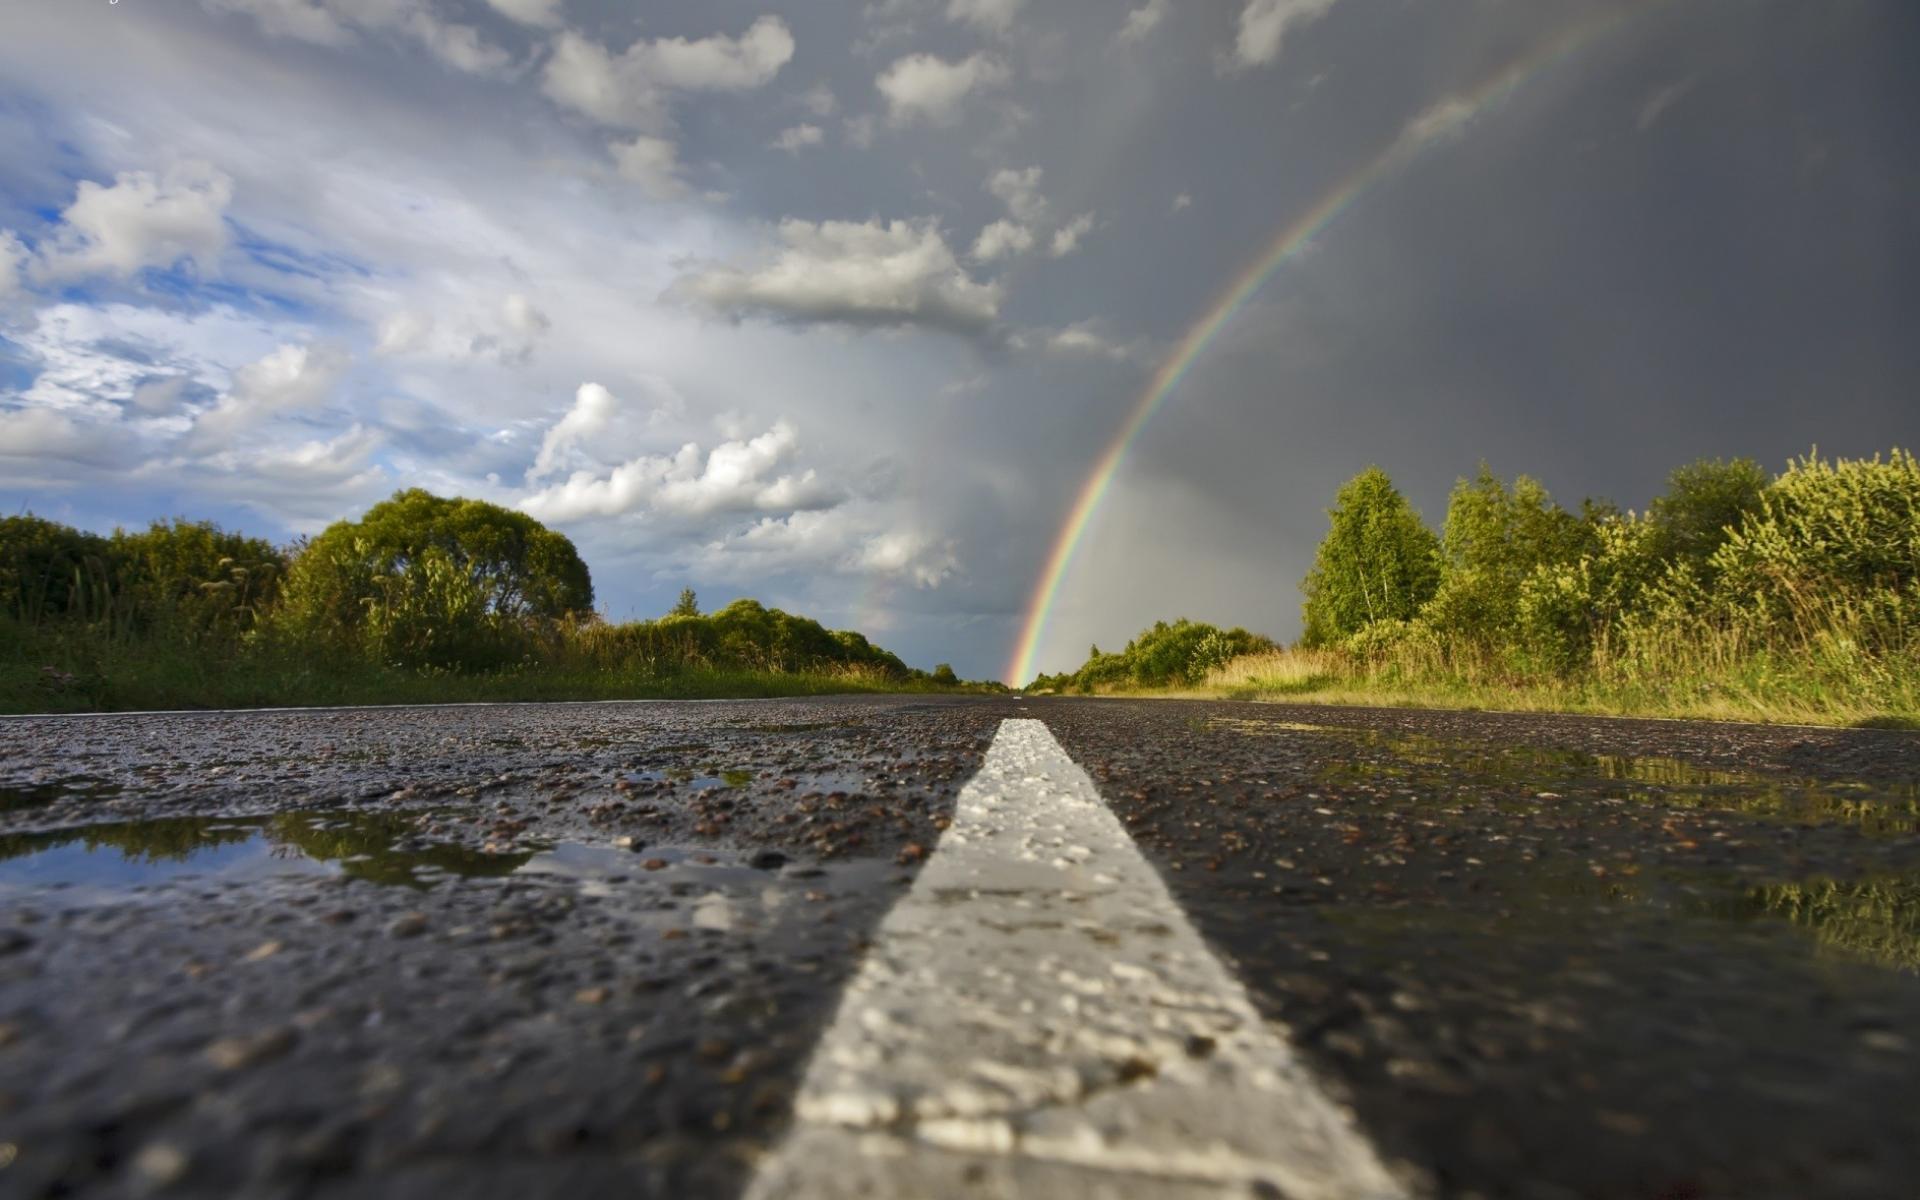 Картинки дождя для лд - 33